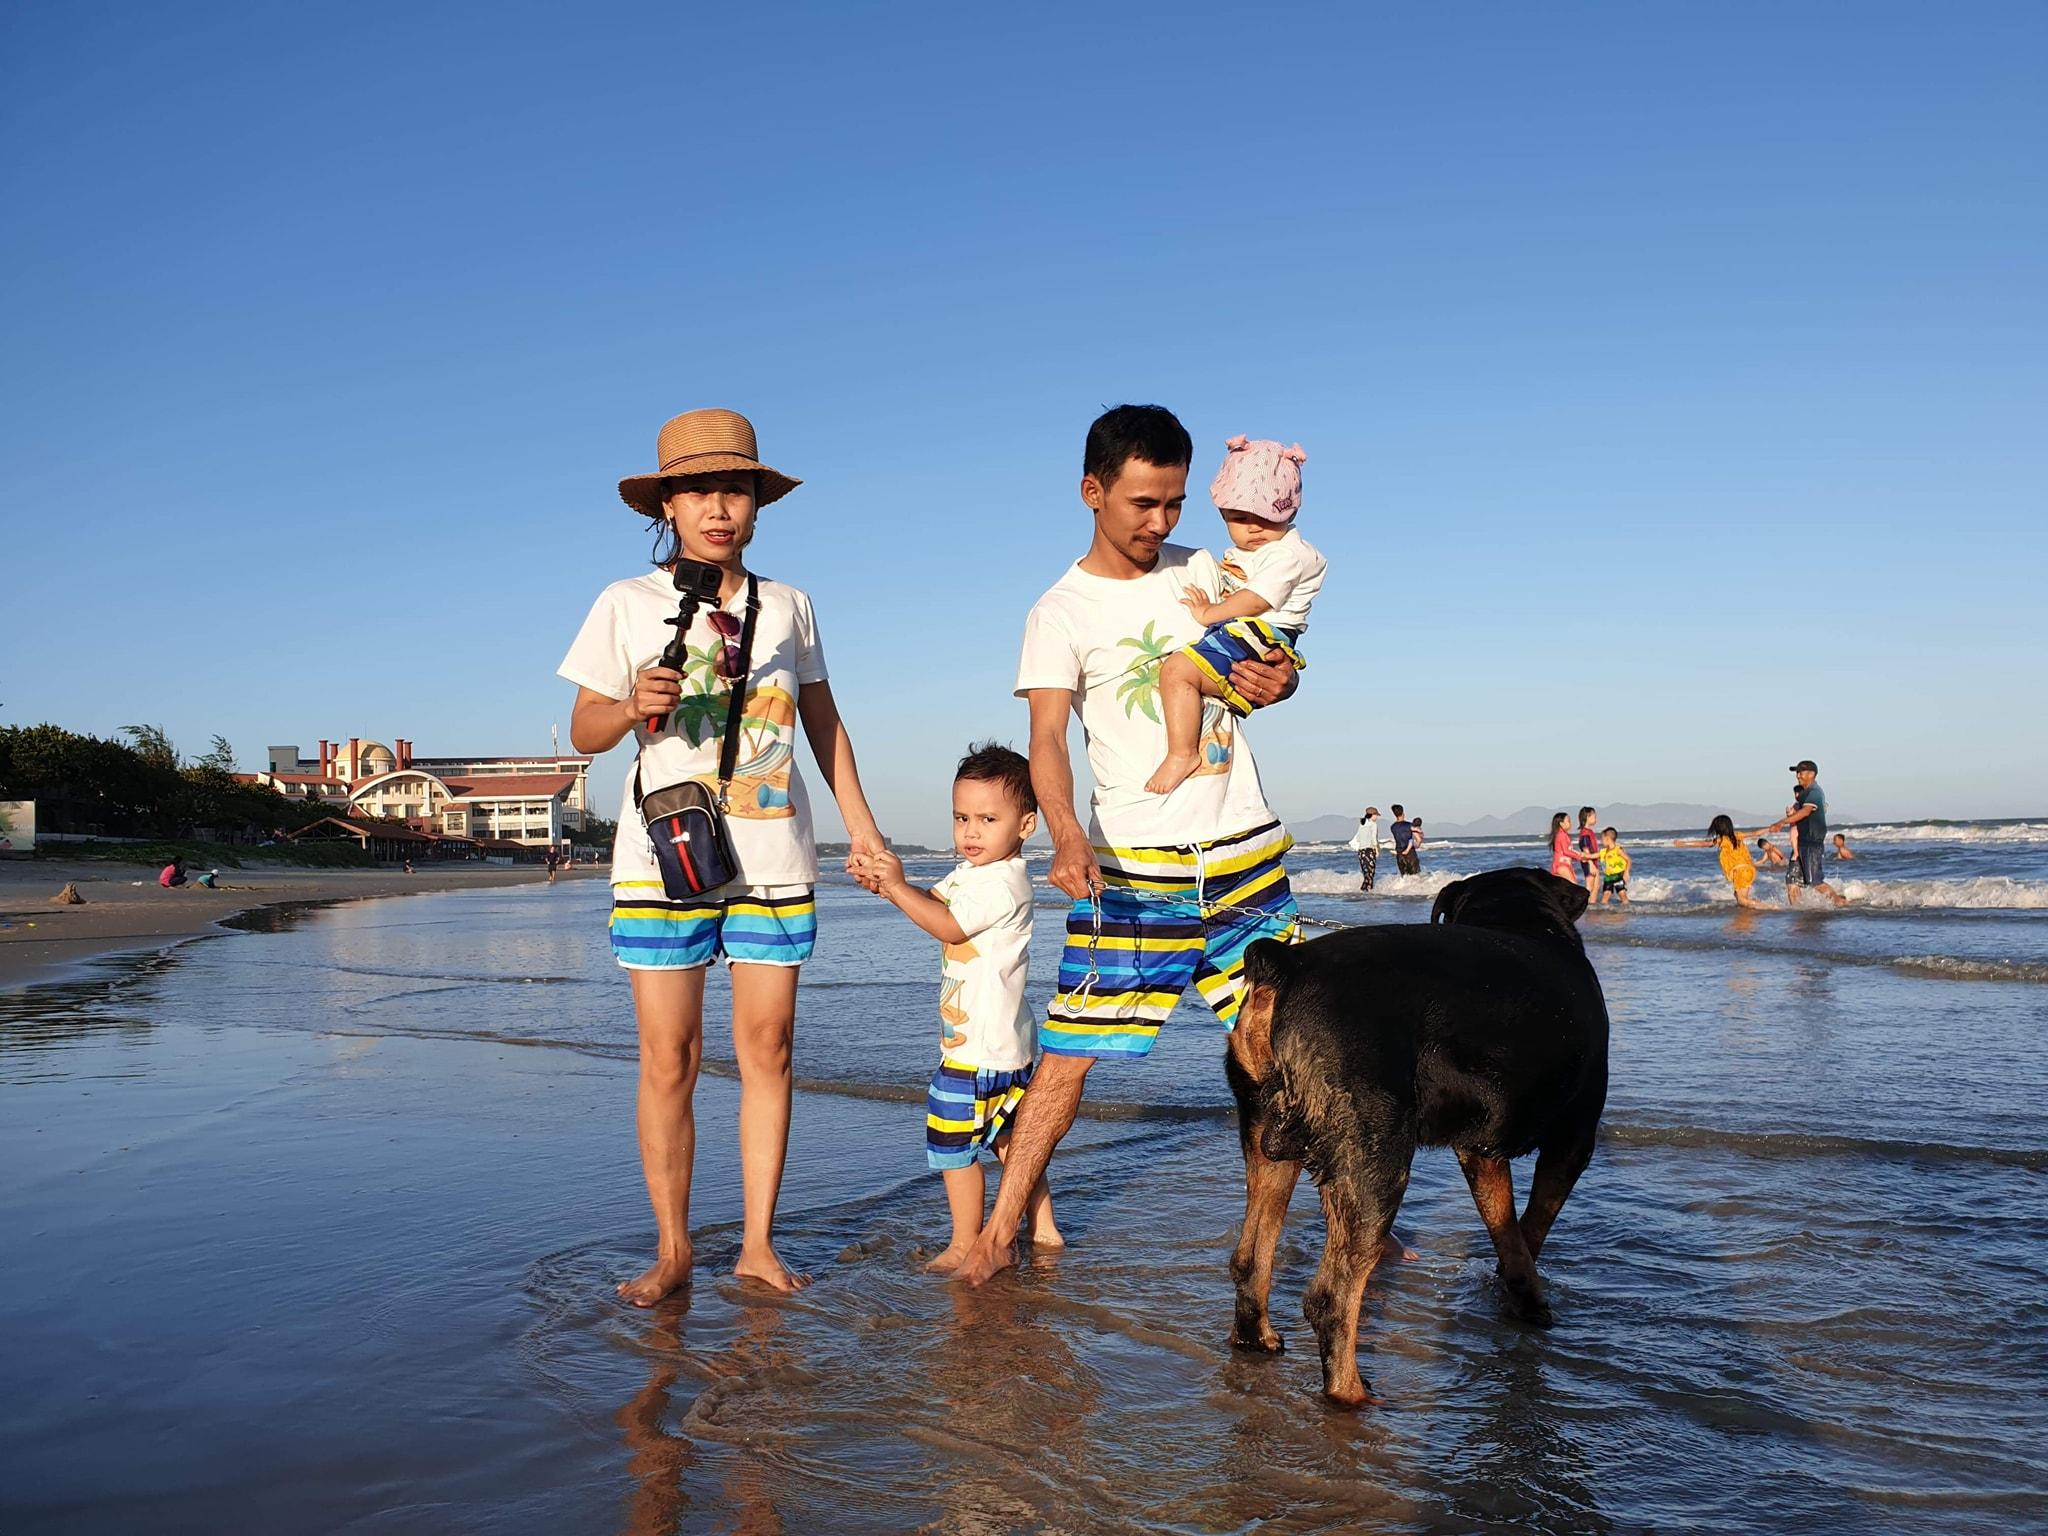 Chuyến đi biển Long Hải, Vũng Tàu năm 2020. Anh Tuấn và chị Thuý nhận thấy sau một năm, hai bé đều đen đi nhưng đổi lại rất cứng cáp, khỏe mạnh. Ảnh: NVCC.